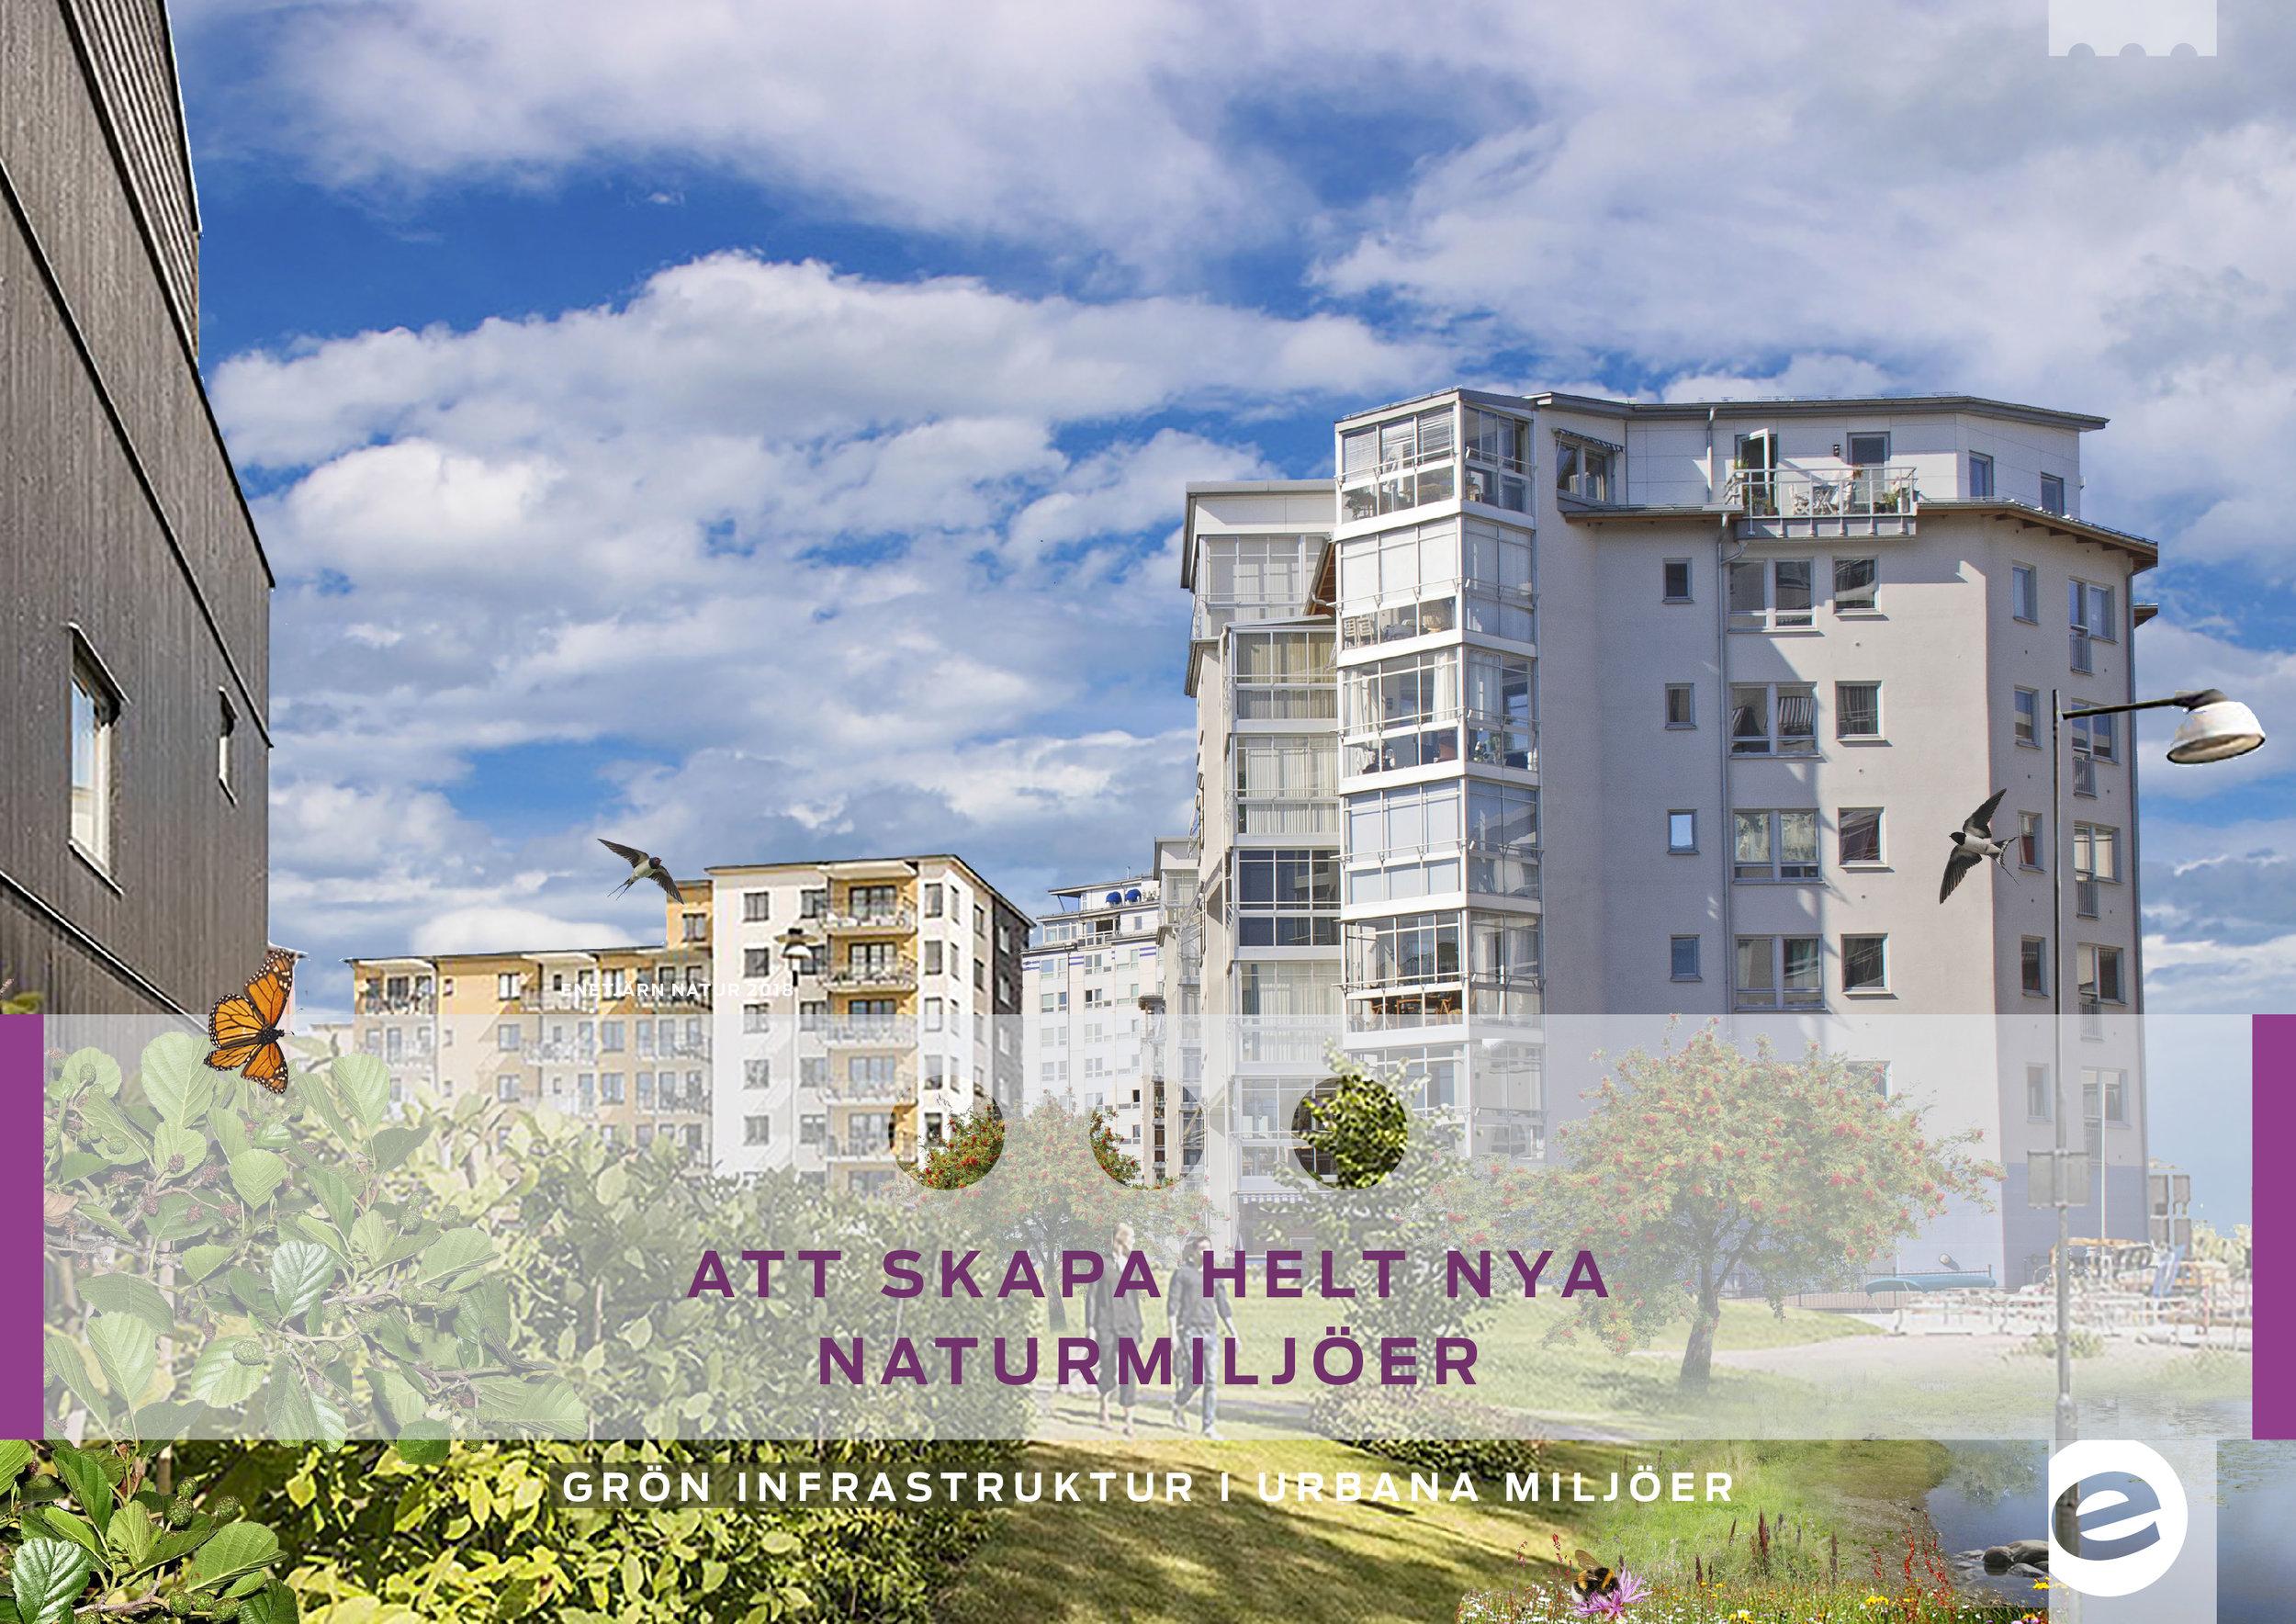 Handbok om att skapa natur i urbana miljöer